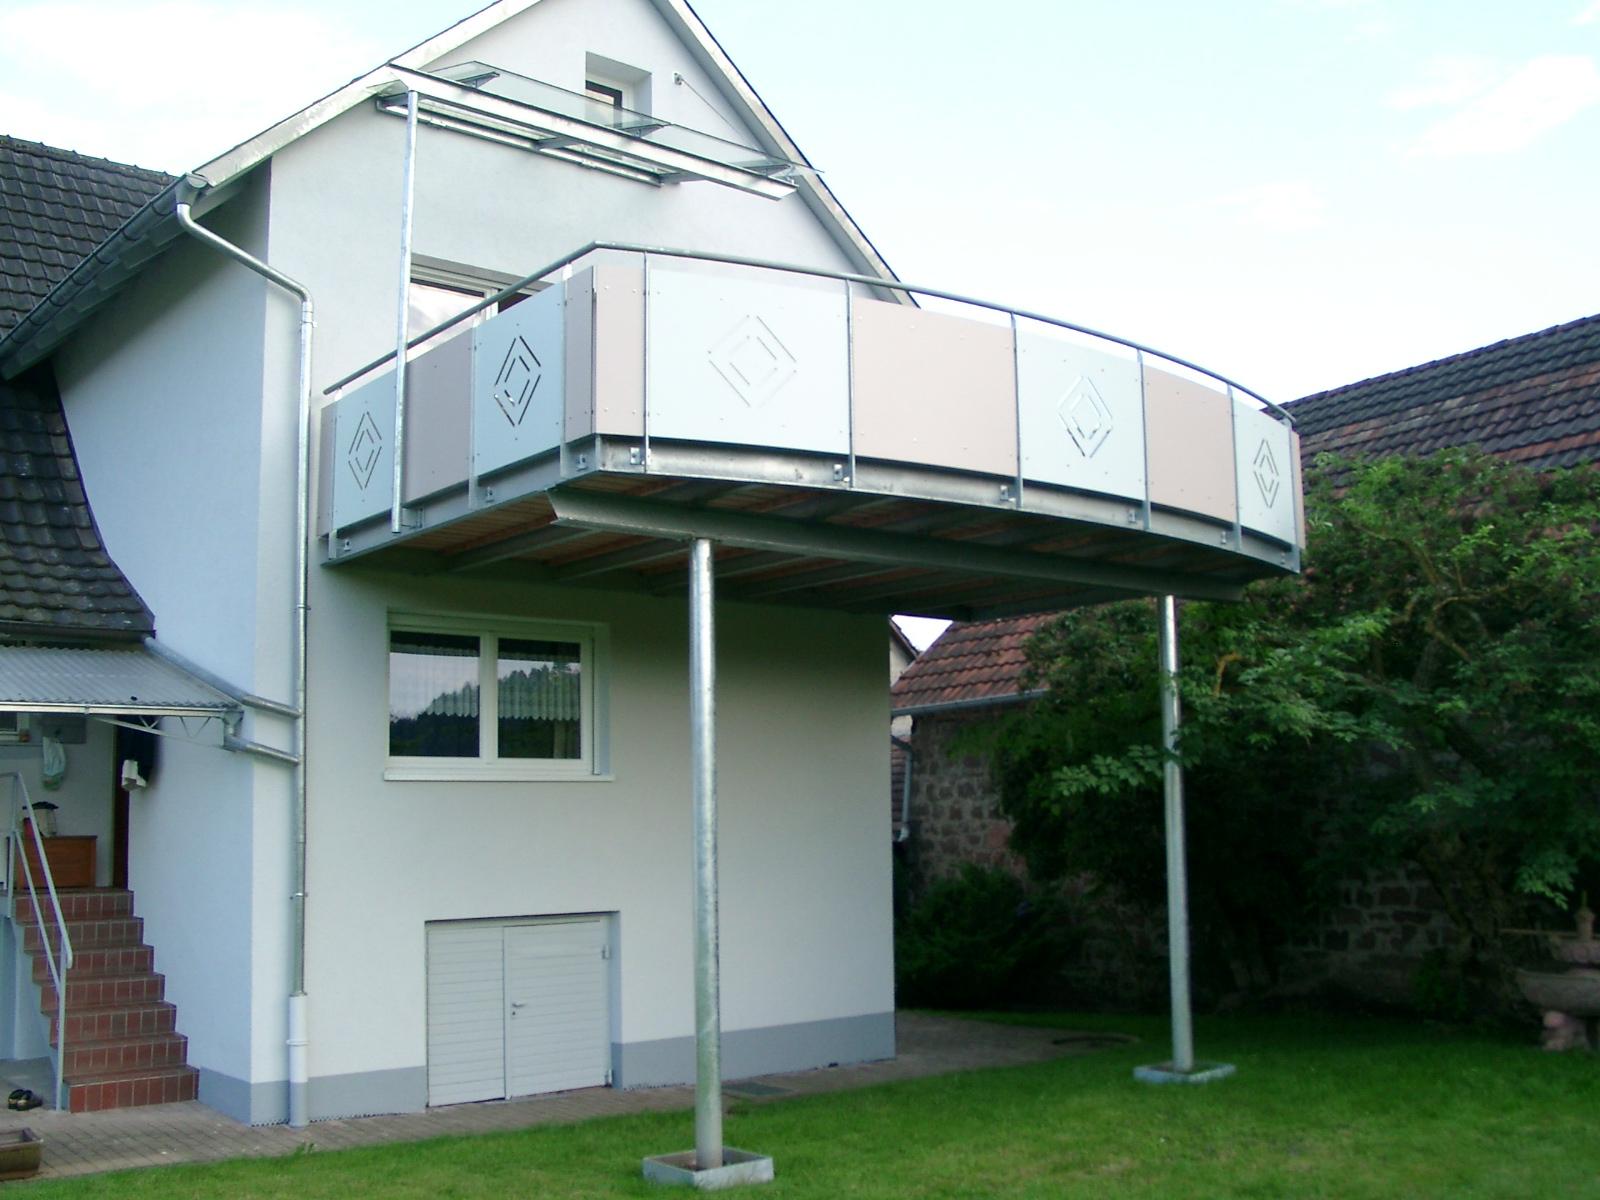 Balkone Aus Stahl Lieferanten: Metallbau meier in passau balkone aus ...